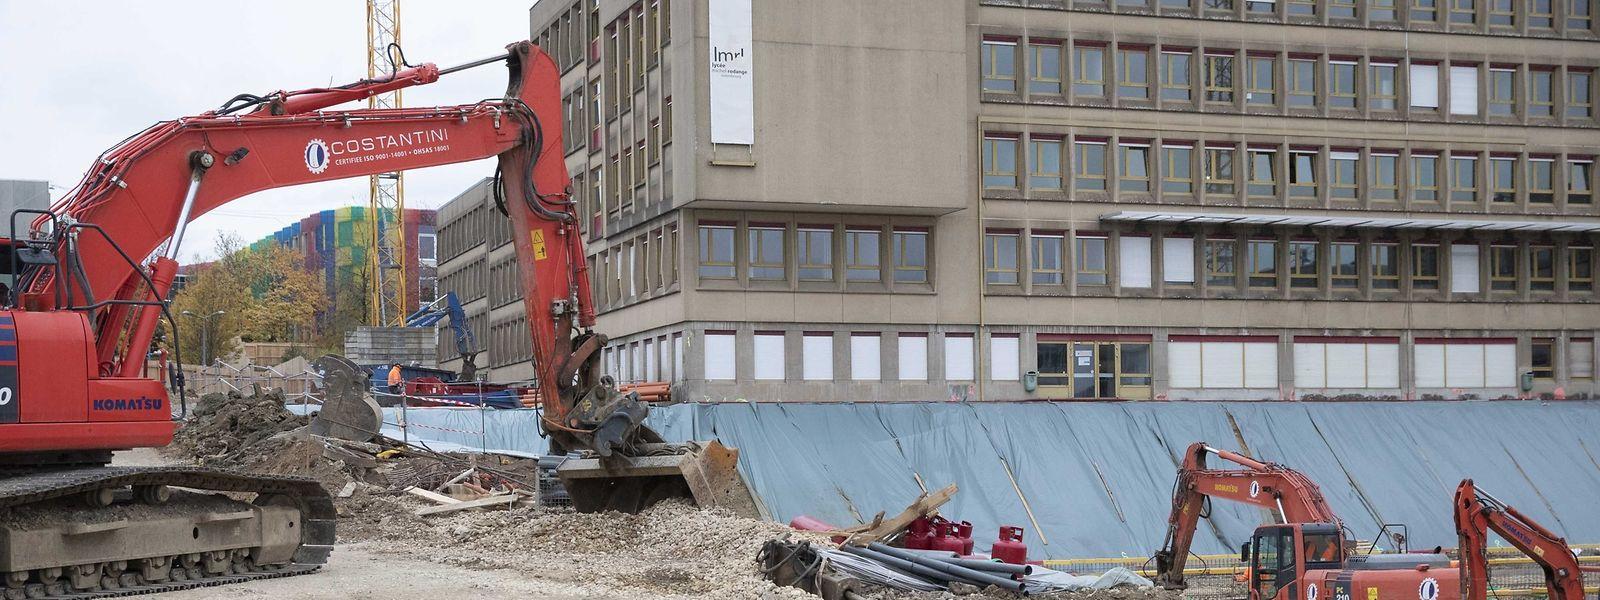 Das alte Gebäude bleibt größtenteils bestehen, wird aber um einen Anbau ergänzt.